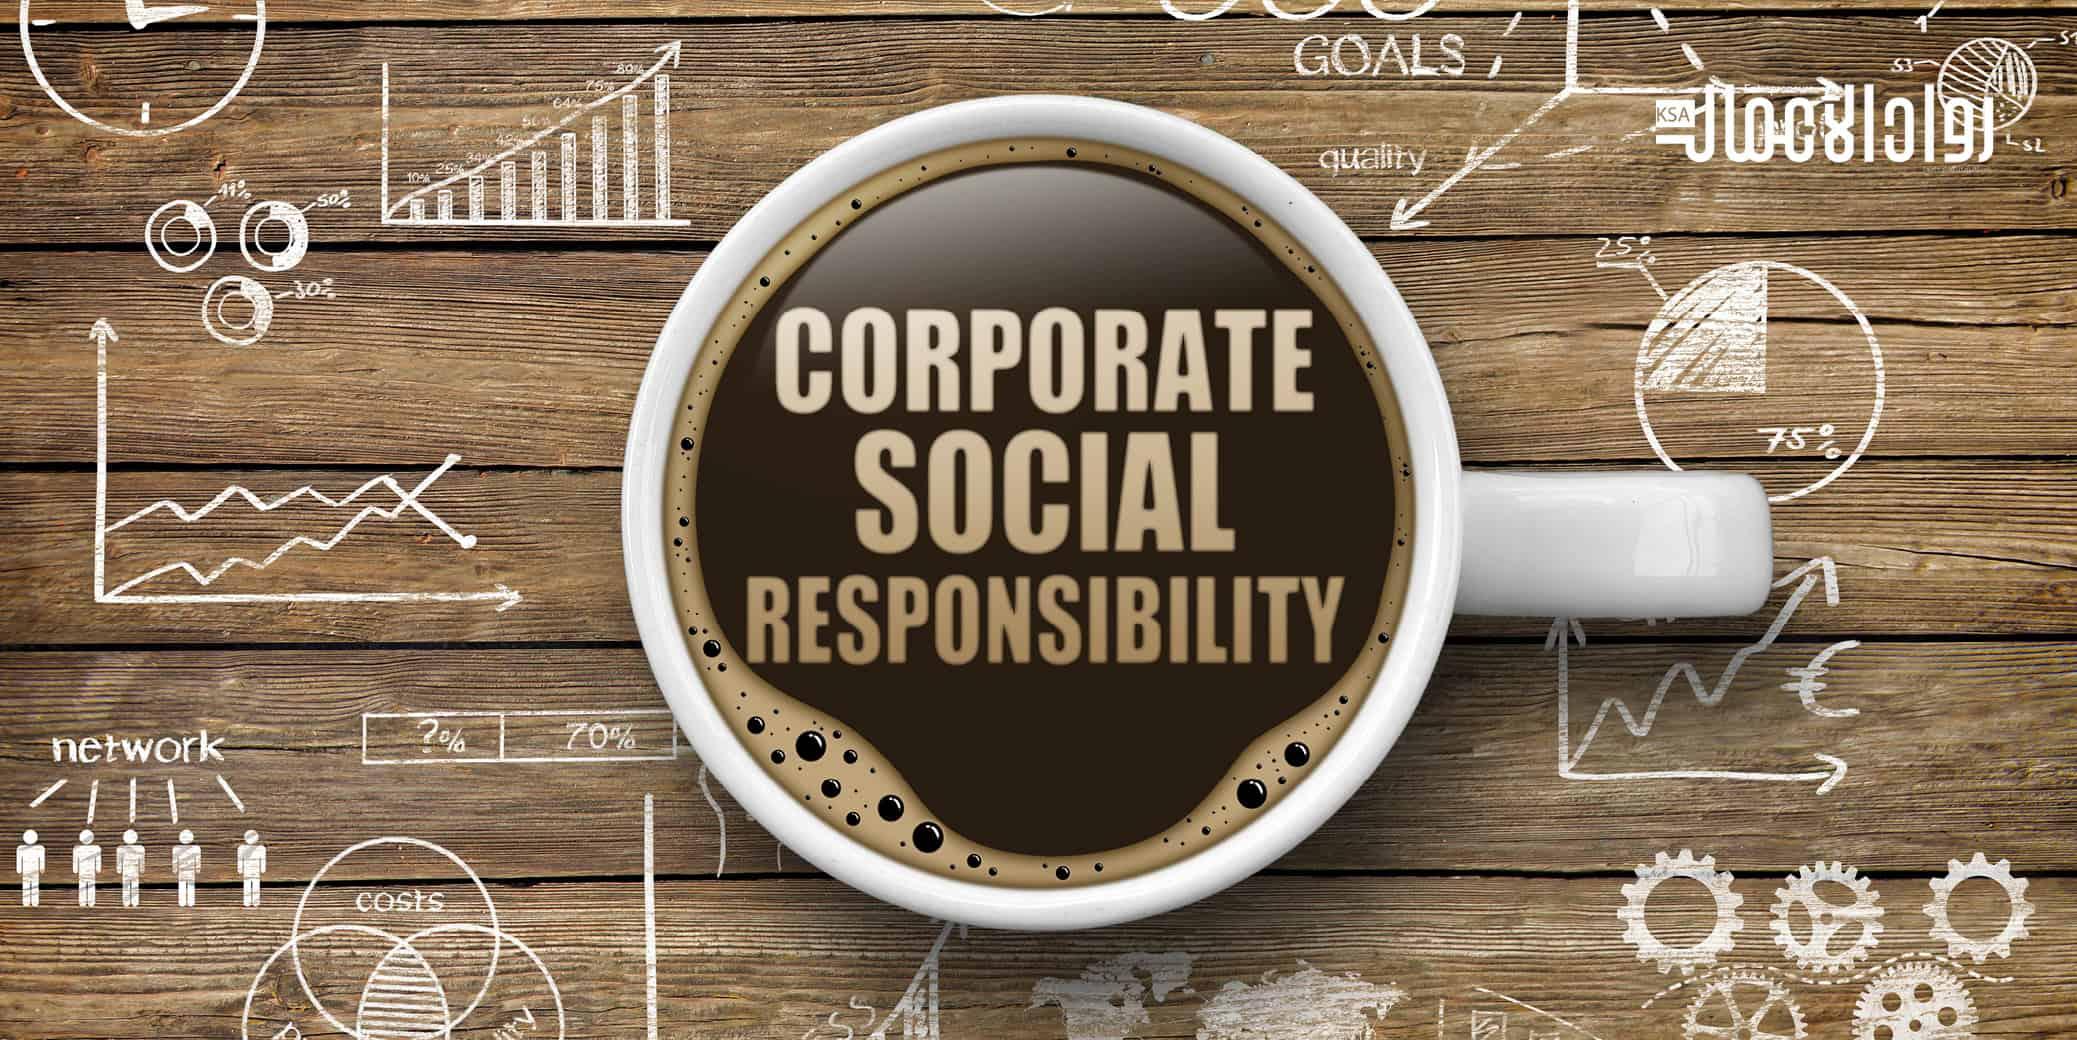 المسؤولية الاجتماعية